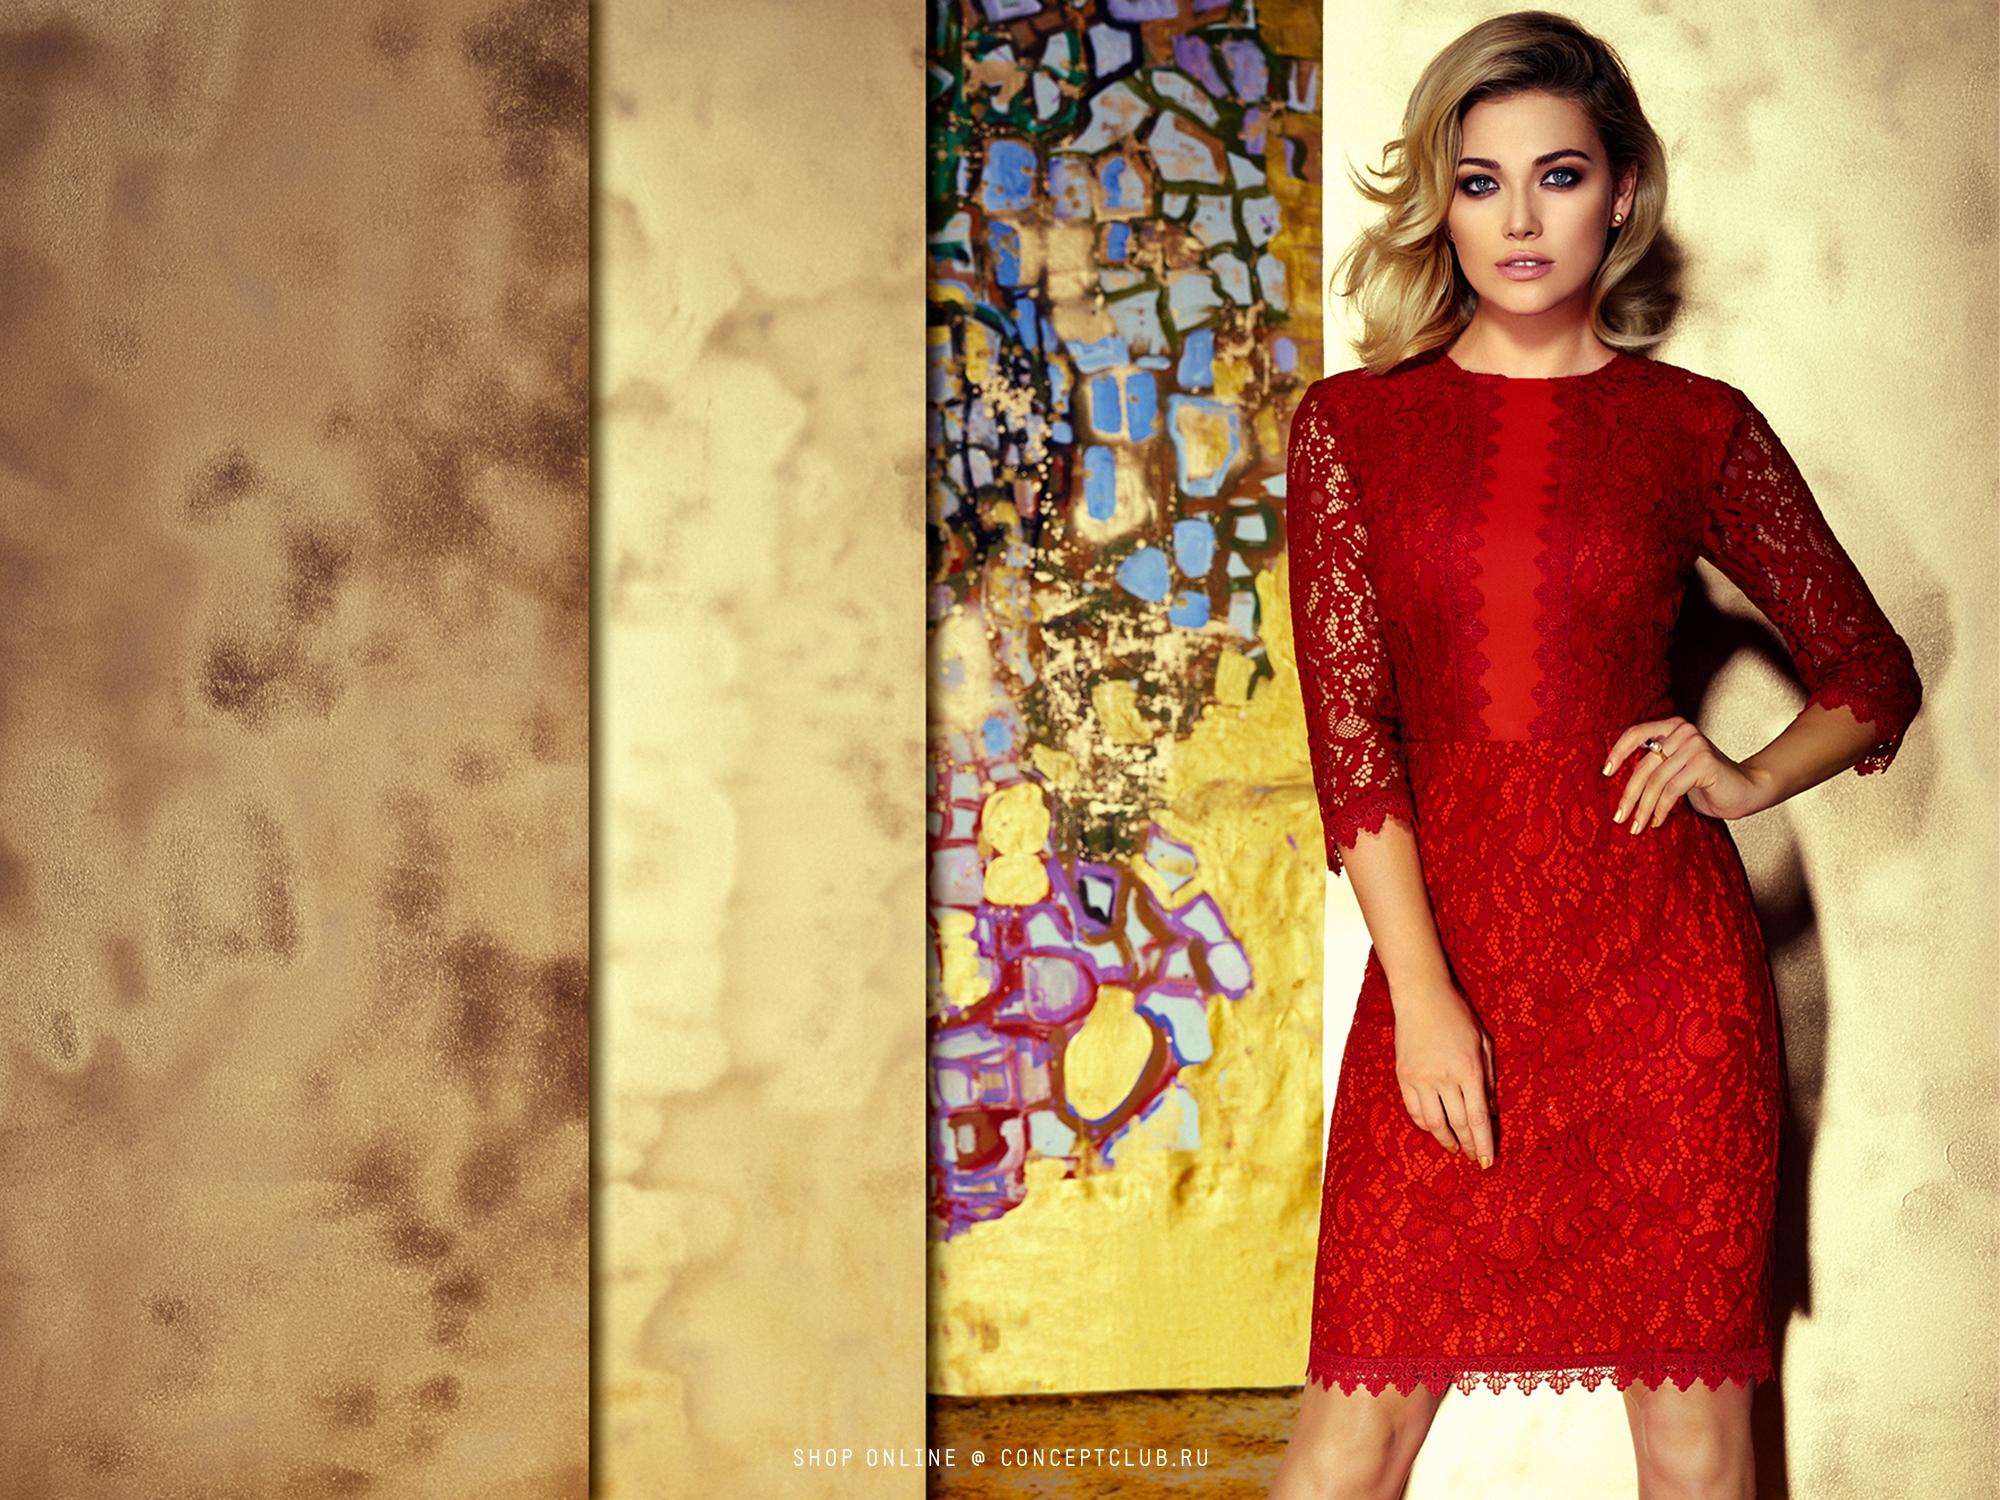 Concept Club красное платье из кружева